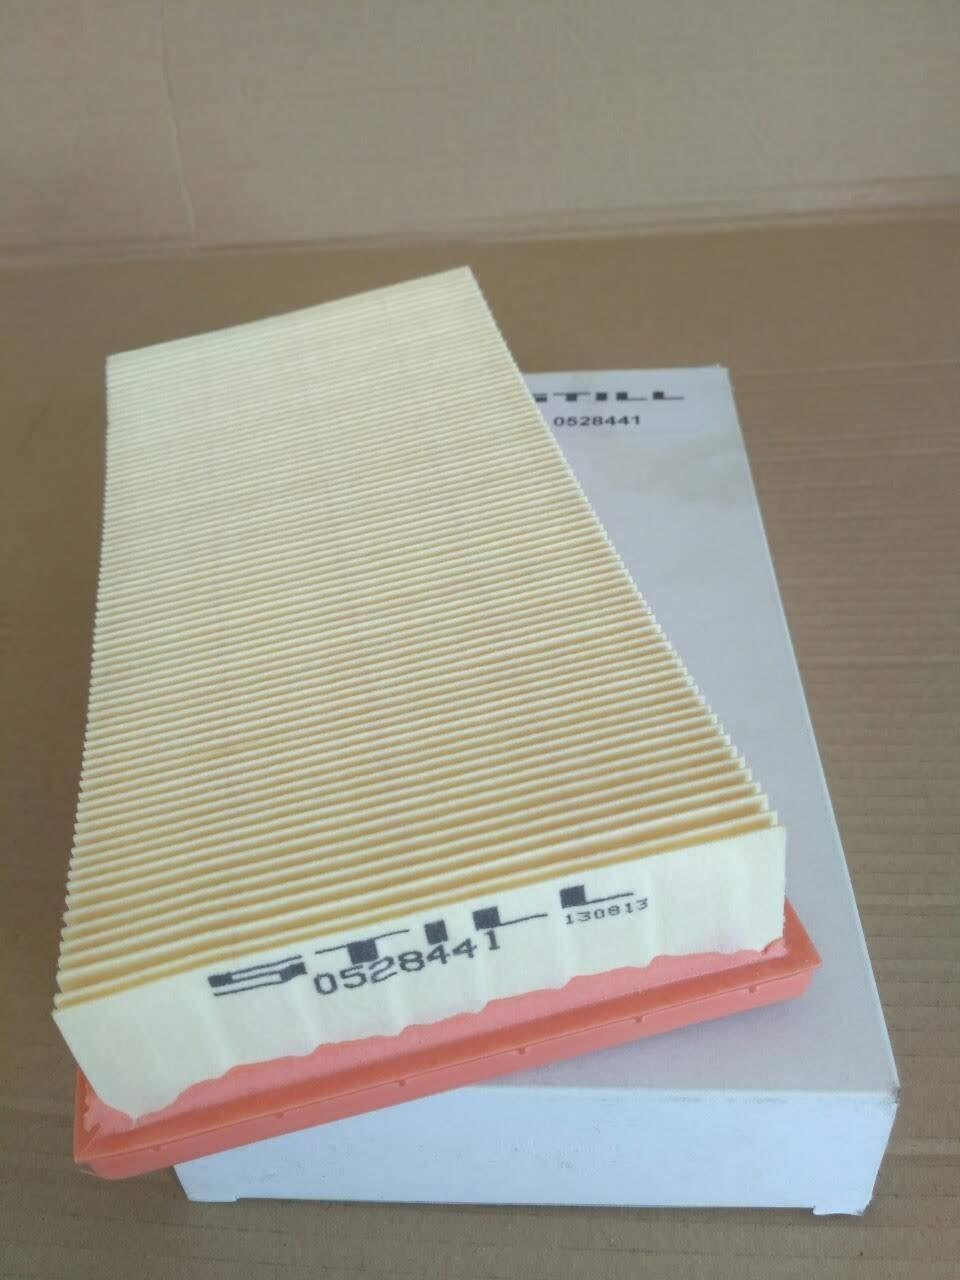 STILL 0528441 фильтр воздушный / фільтр повітряний